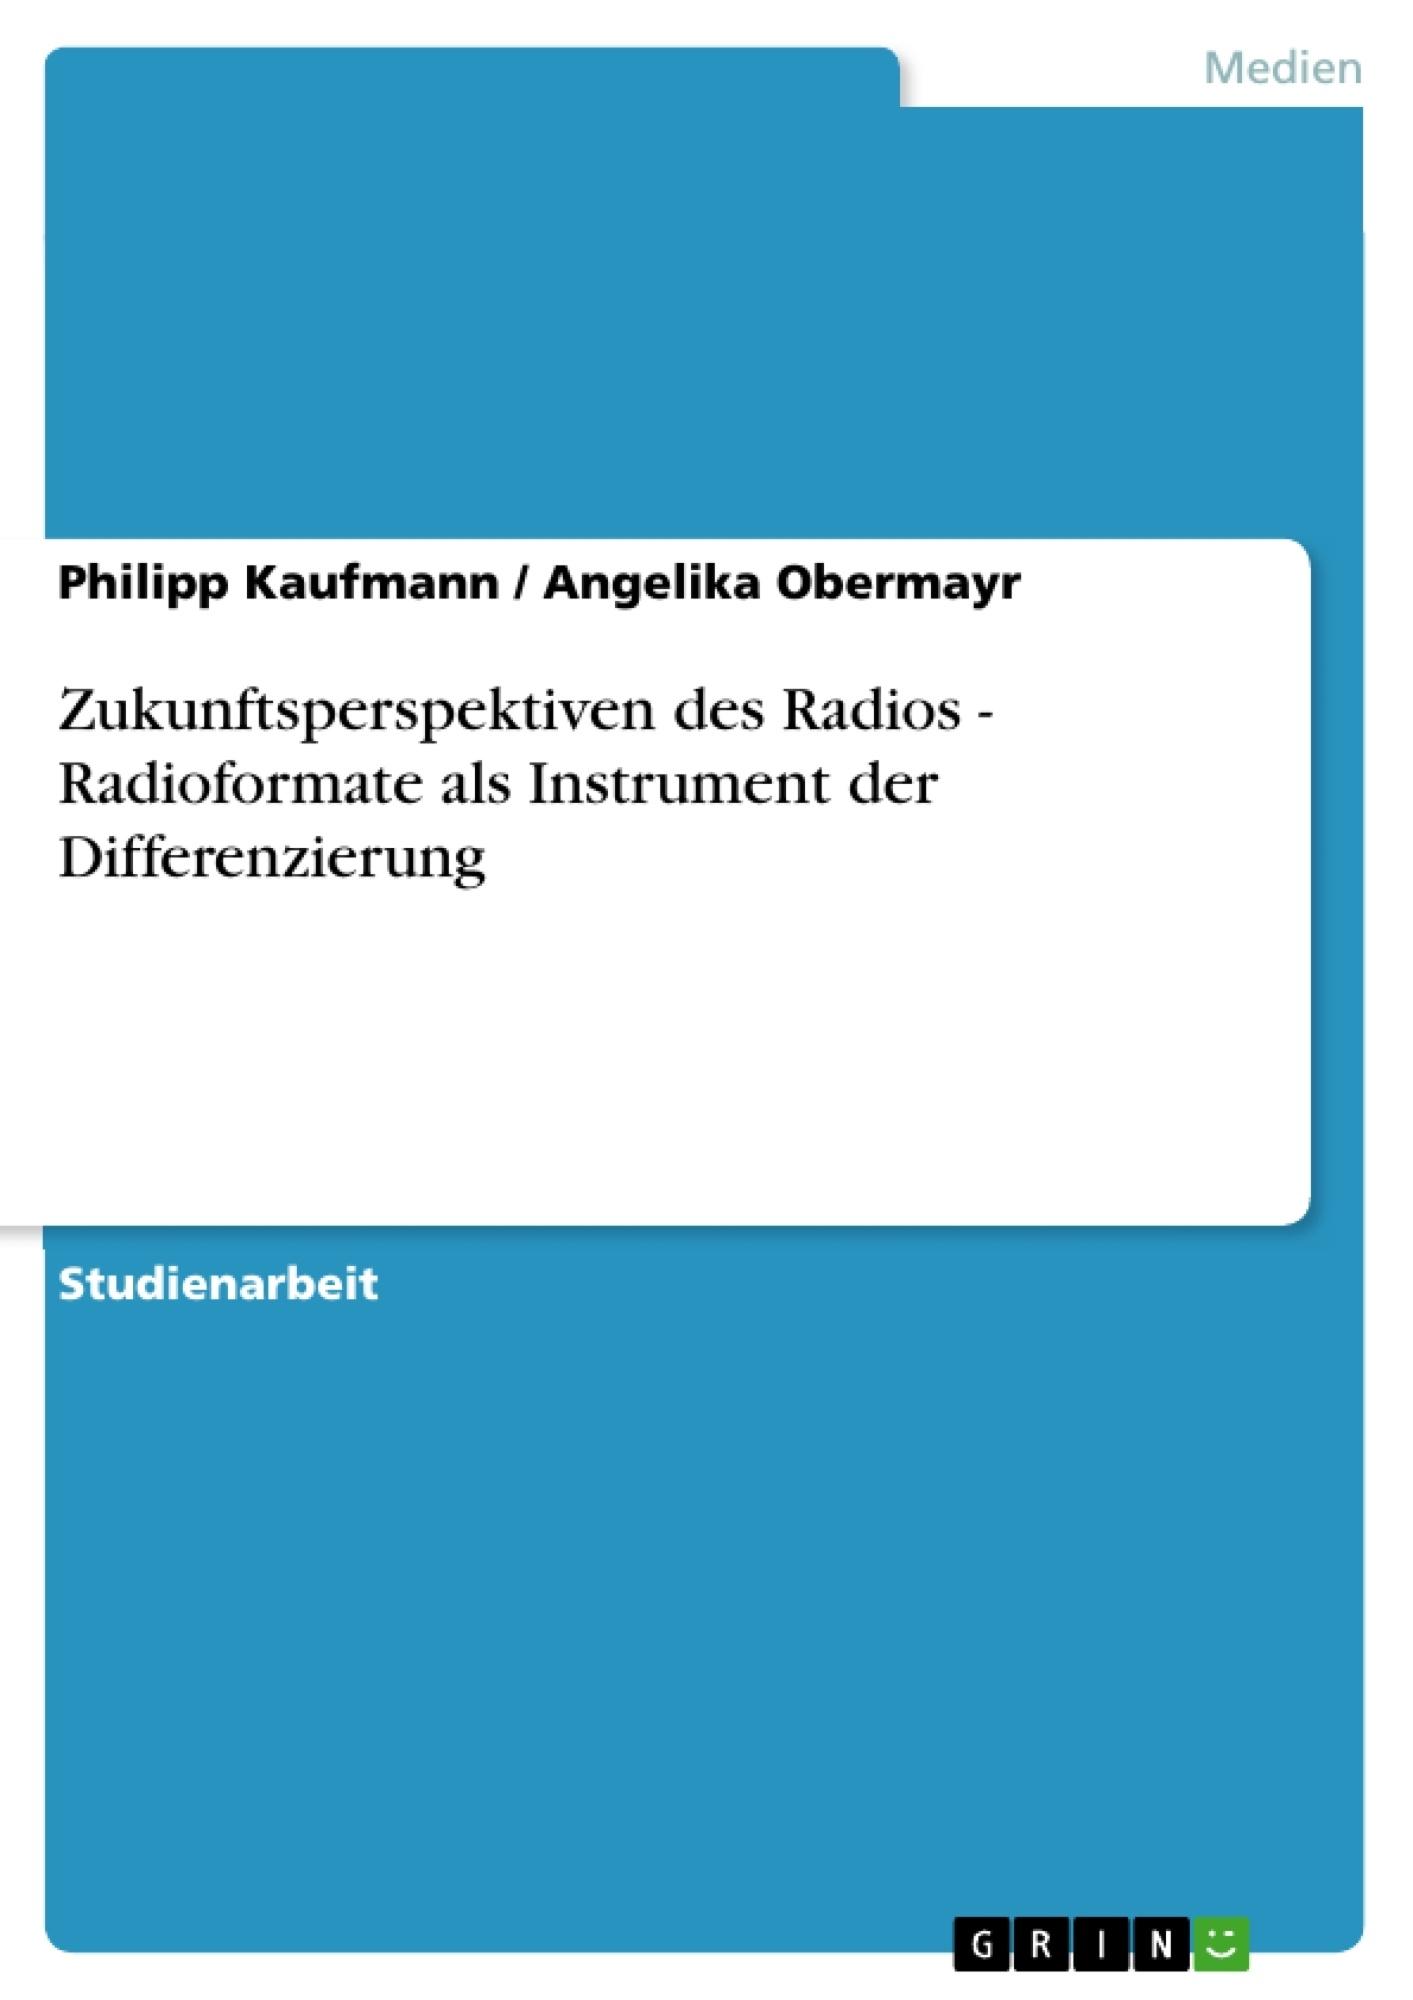 Titel: Zukunftsperspektiven des Radios - Radioformate als Instrument der Differenzierung